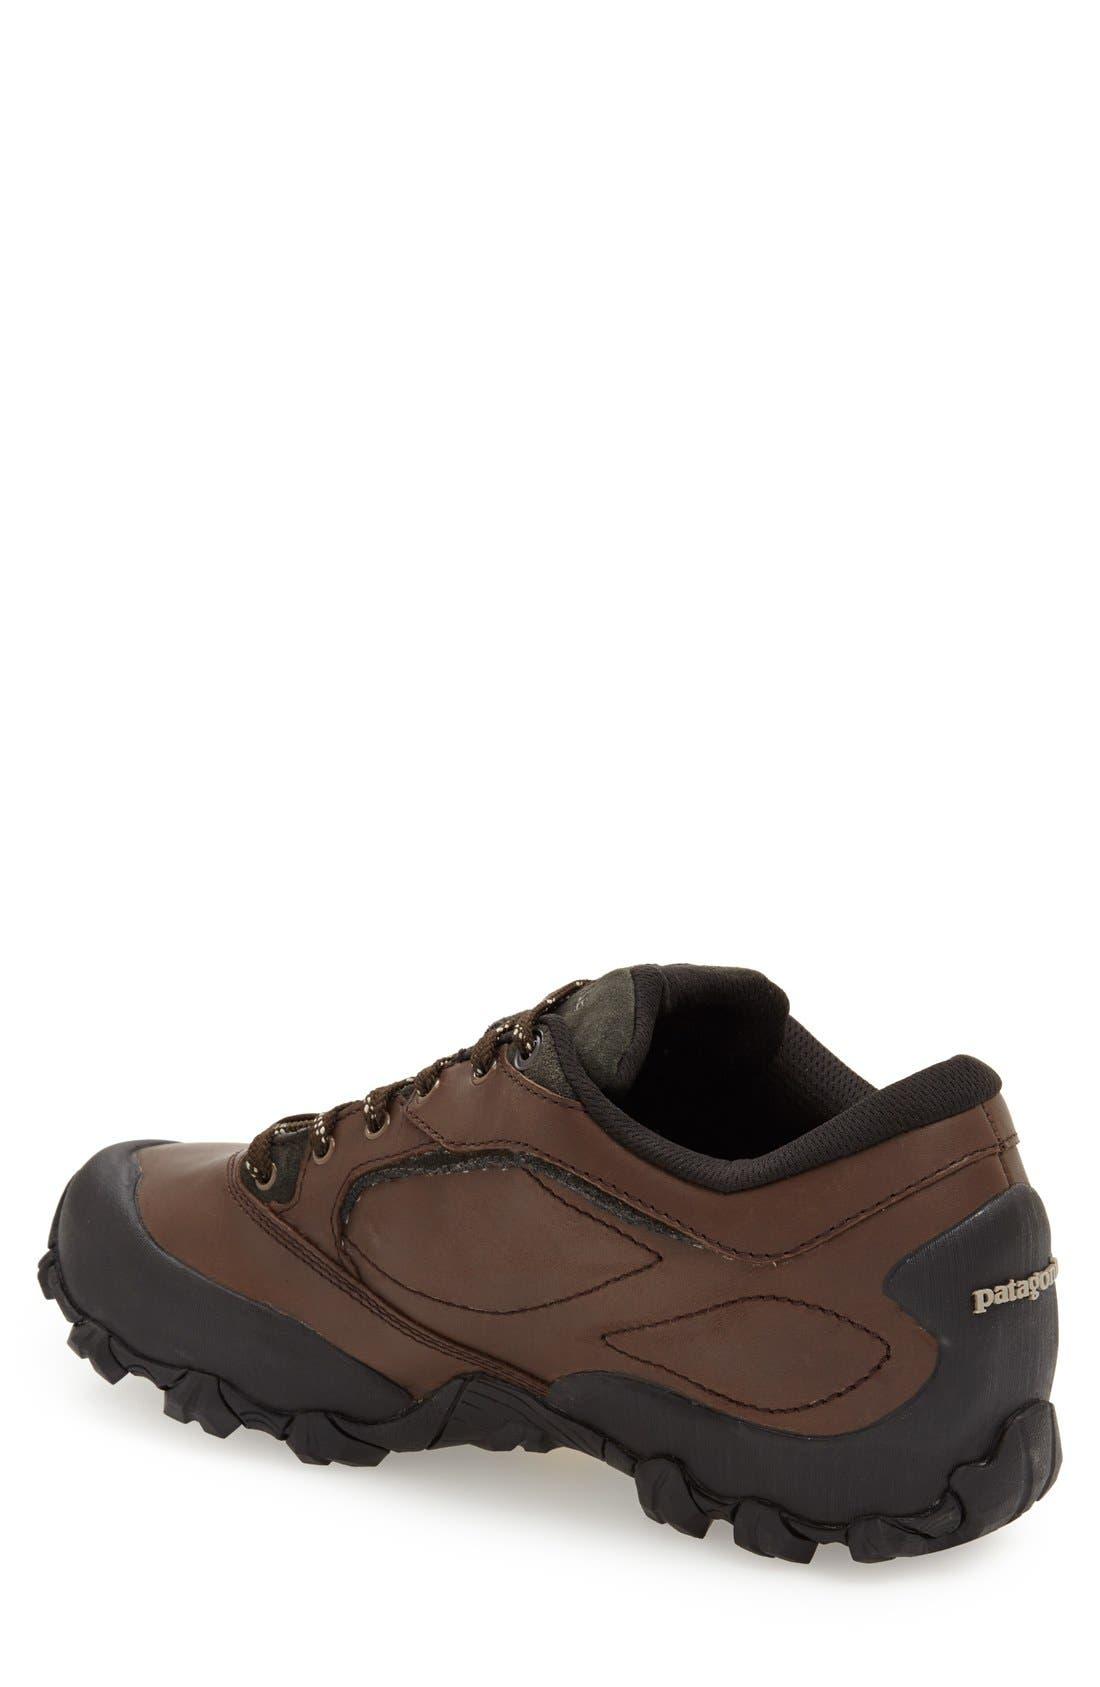 Alternate Image 2  - Patagonia 'Drifter 2.0' Waterproof Hiking Shoe (Men)